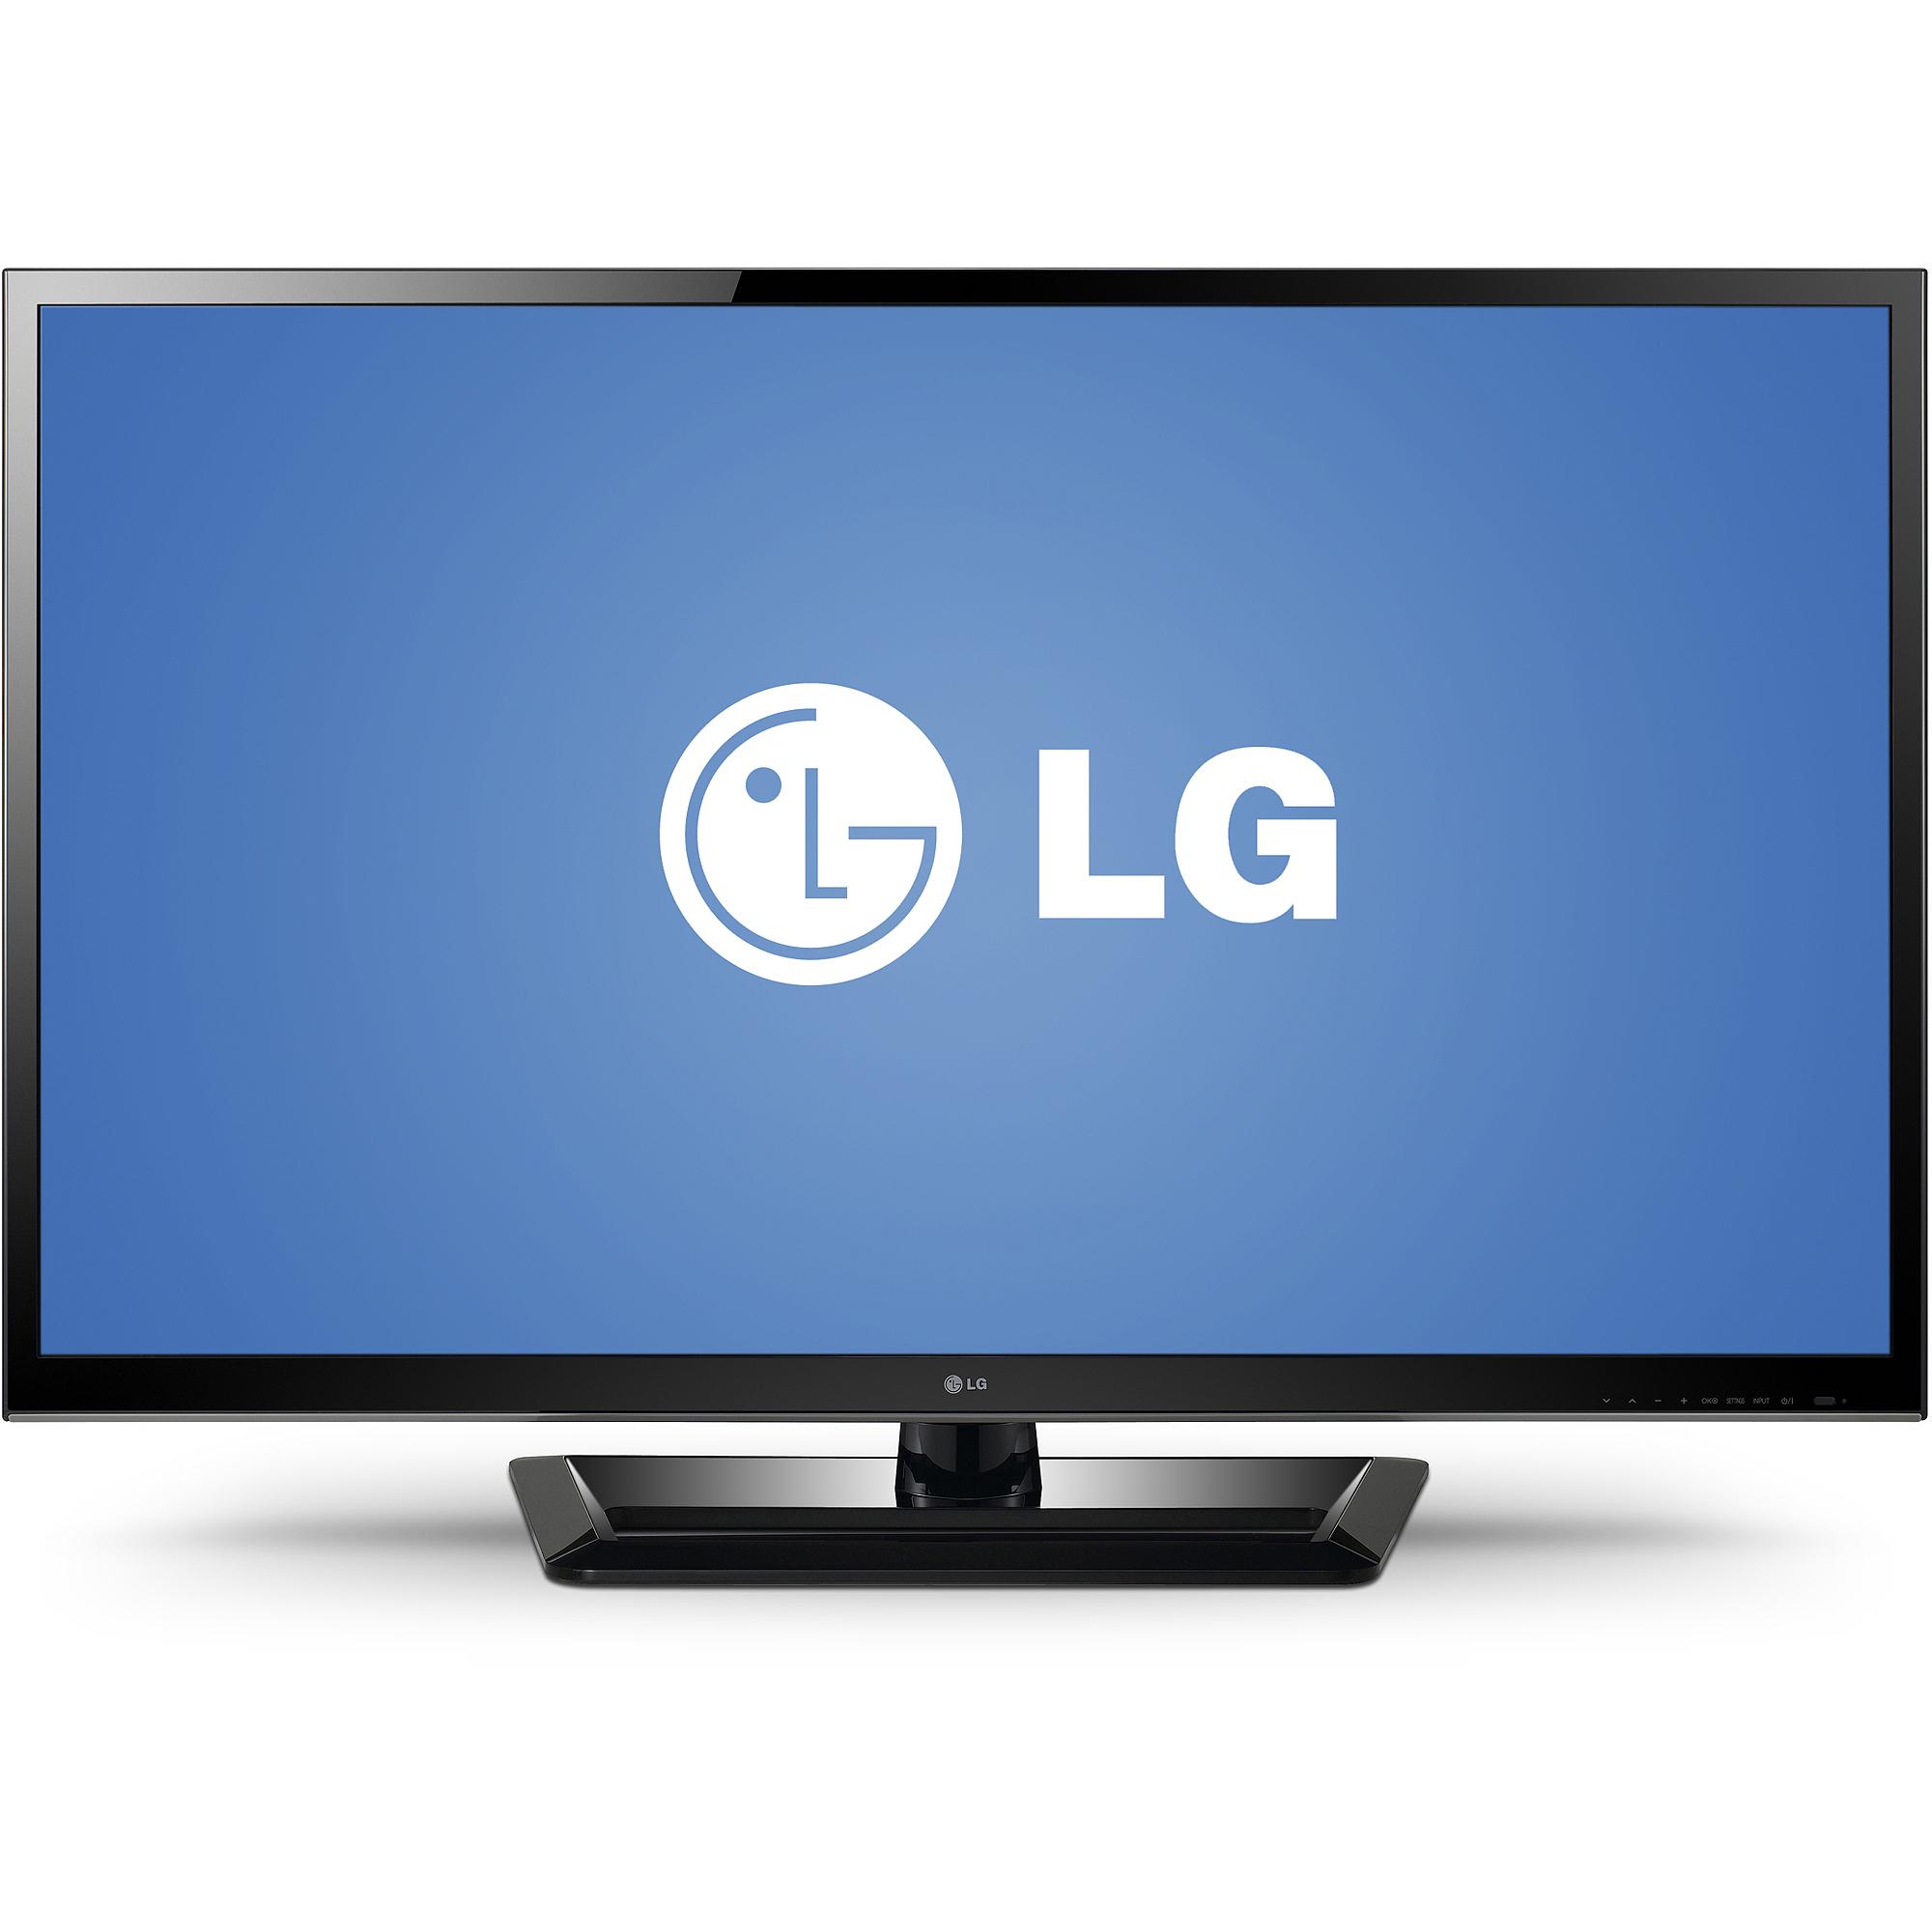 """LG 55LM4600 55"""" 1080p 120Hz 3D LED (1.4"""" ultra-slim) HDTV"""